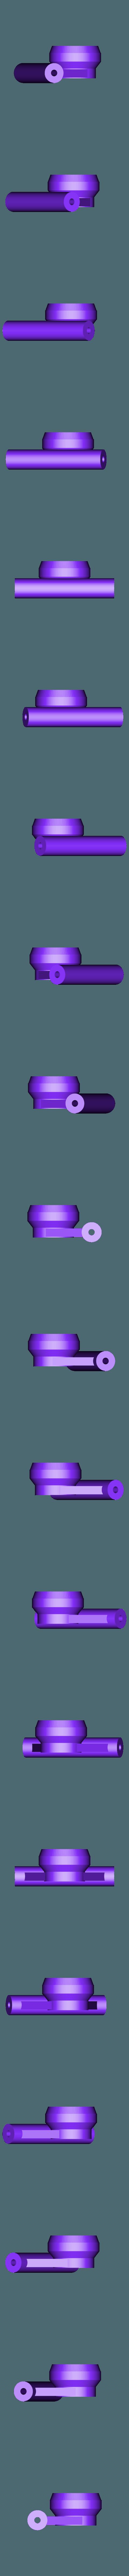 DoorHinge.door.stl Télécharger fichier STL gratuit Charnière de porte de voûte à retombées et base creuse, remixé • Design à imprimer en 3D, FelixTheCrazy